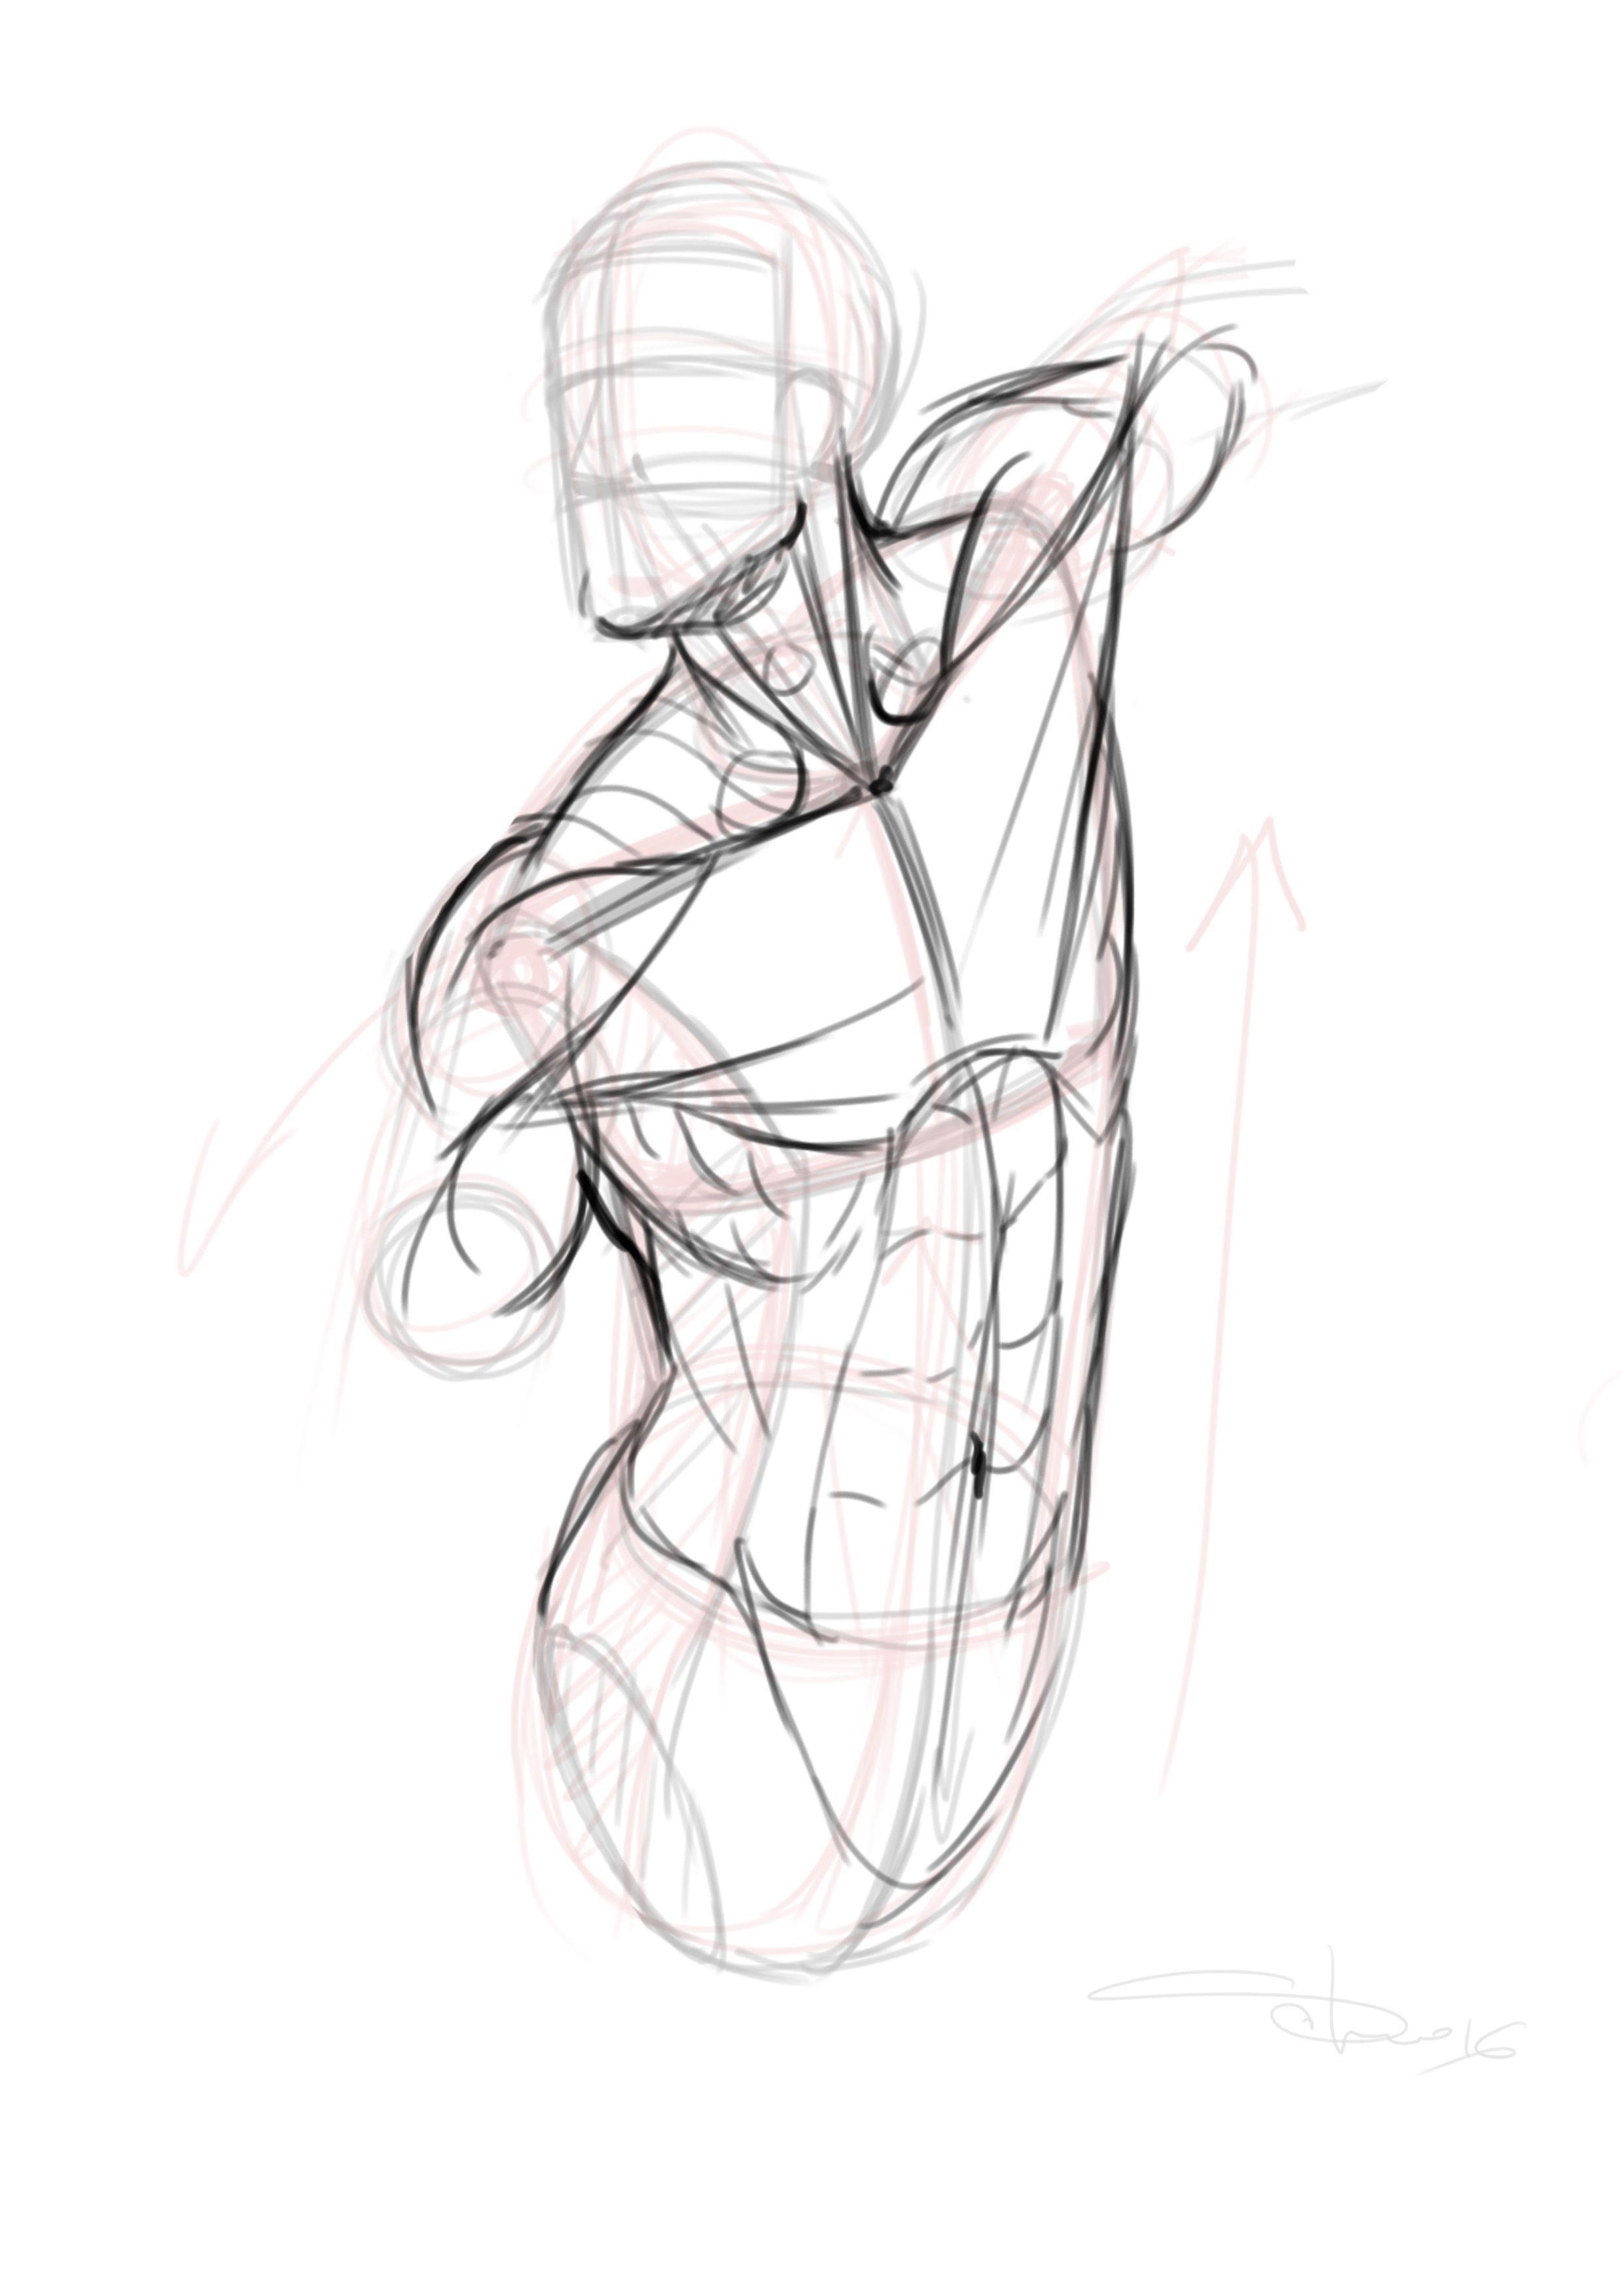 Pin von Bruno Rafael auf Desenhos | Pinterest | Anatomie, Zeichnen ...